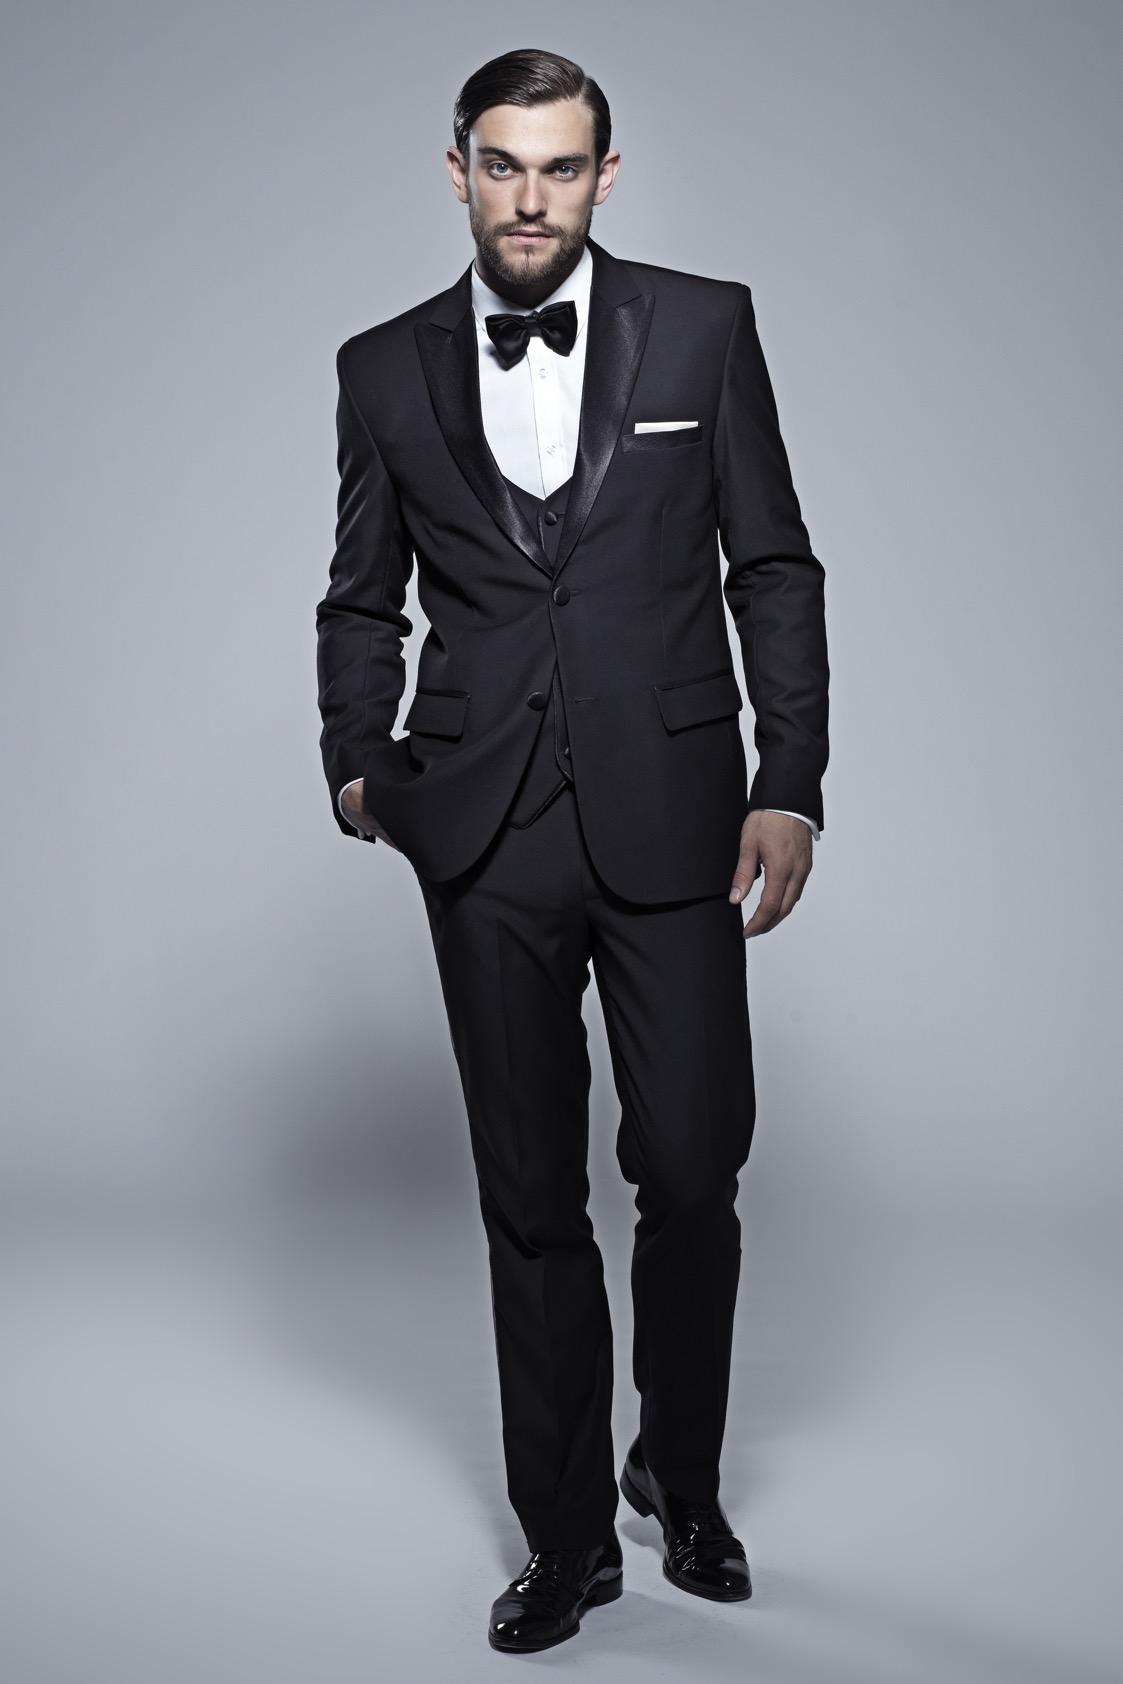 Mode 20er Jahre Stil Männer. kost me im 20er jahre mode ...